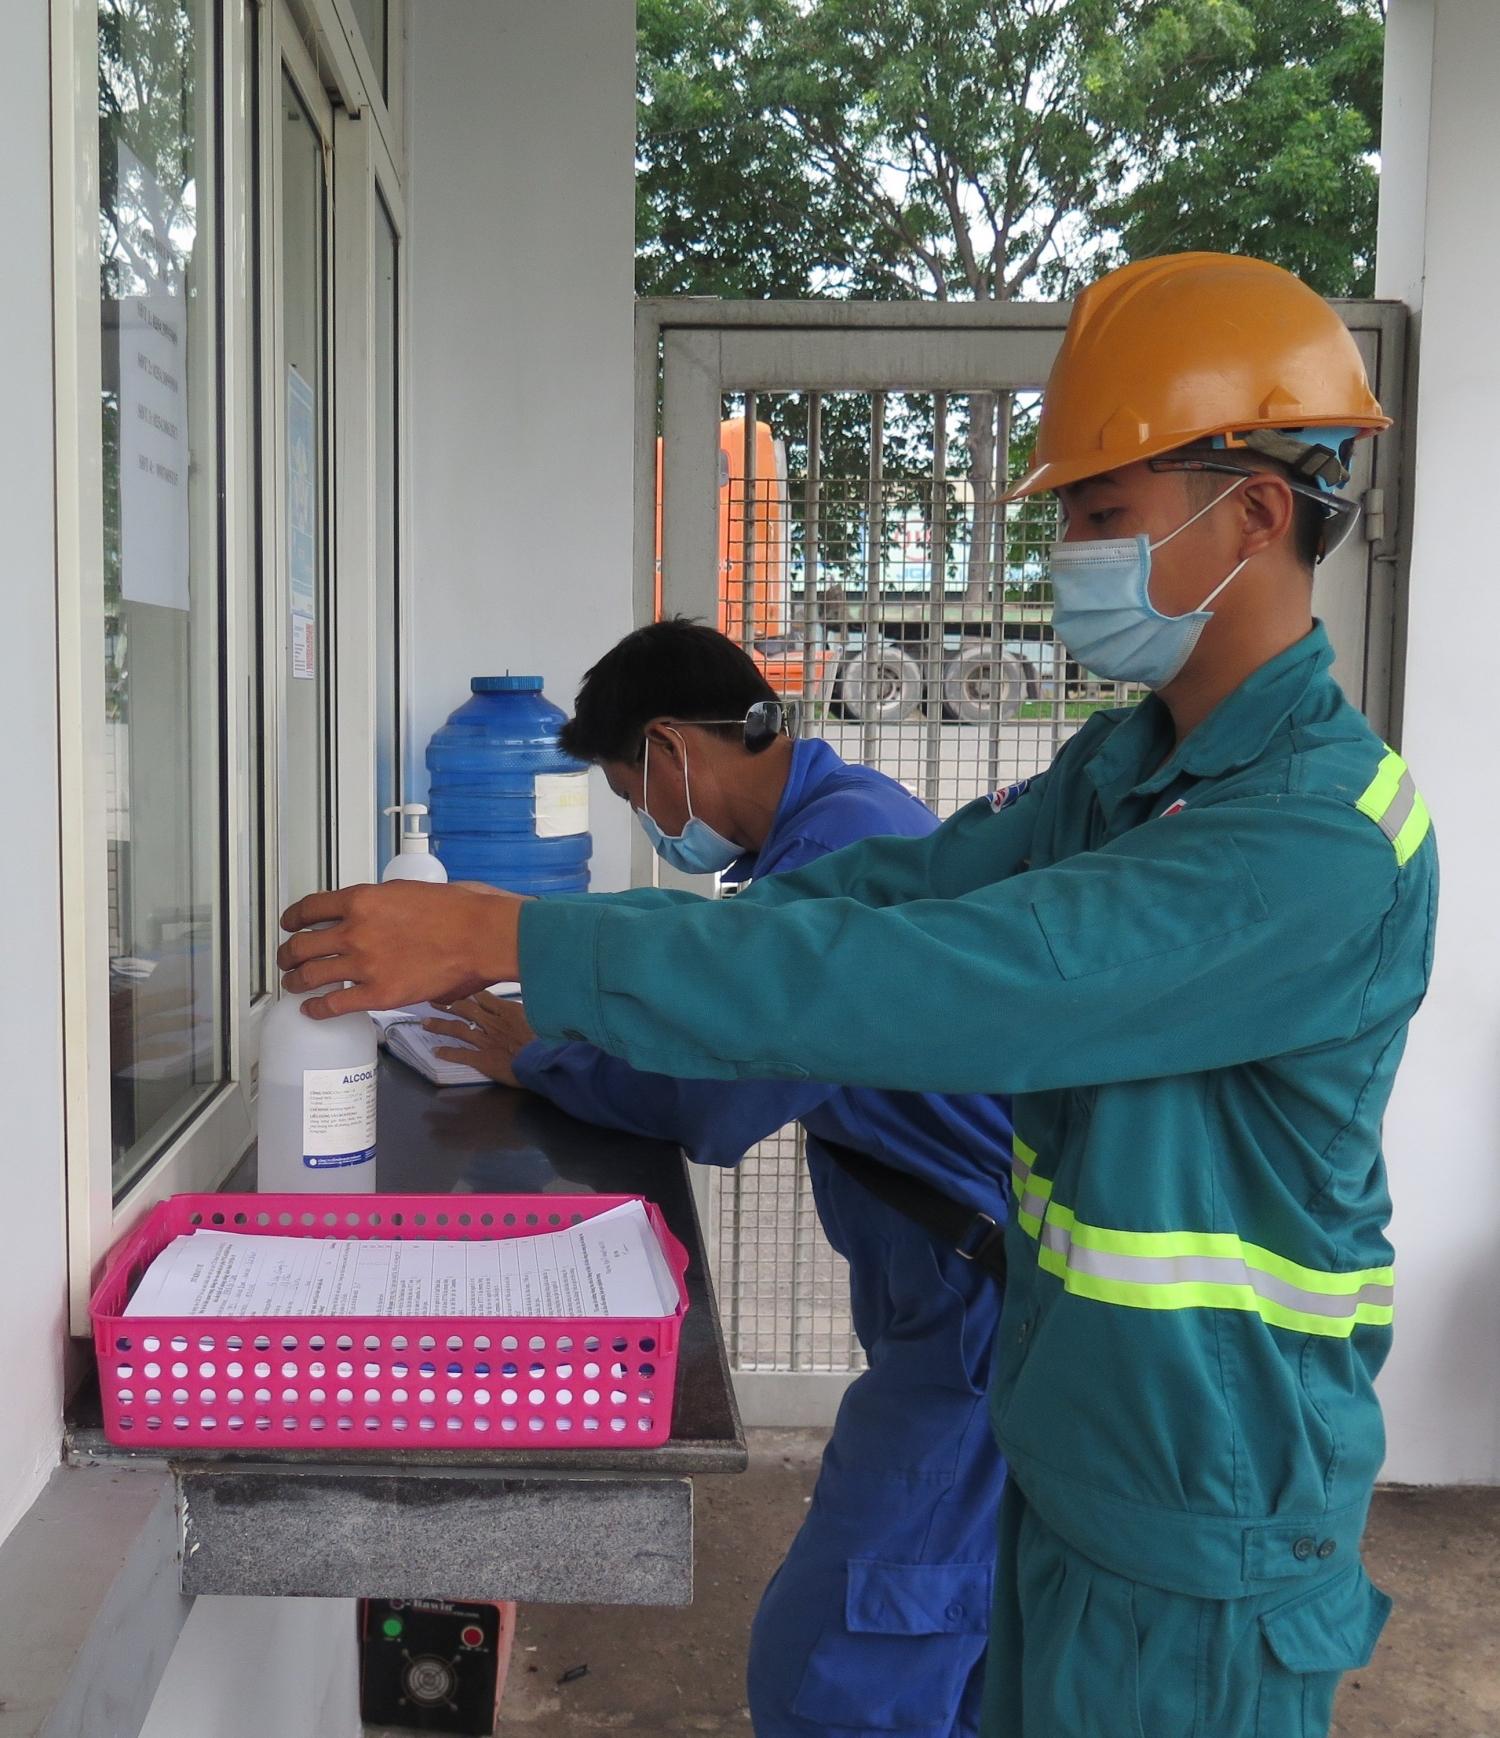 Tất cả các nhân viên nhà thầu được phép vào công trình khí đều phải khai báo y tế và thực hiện khử khuẩn